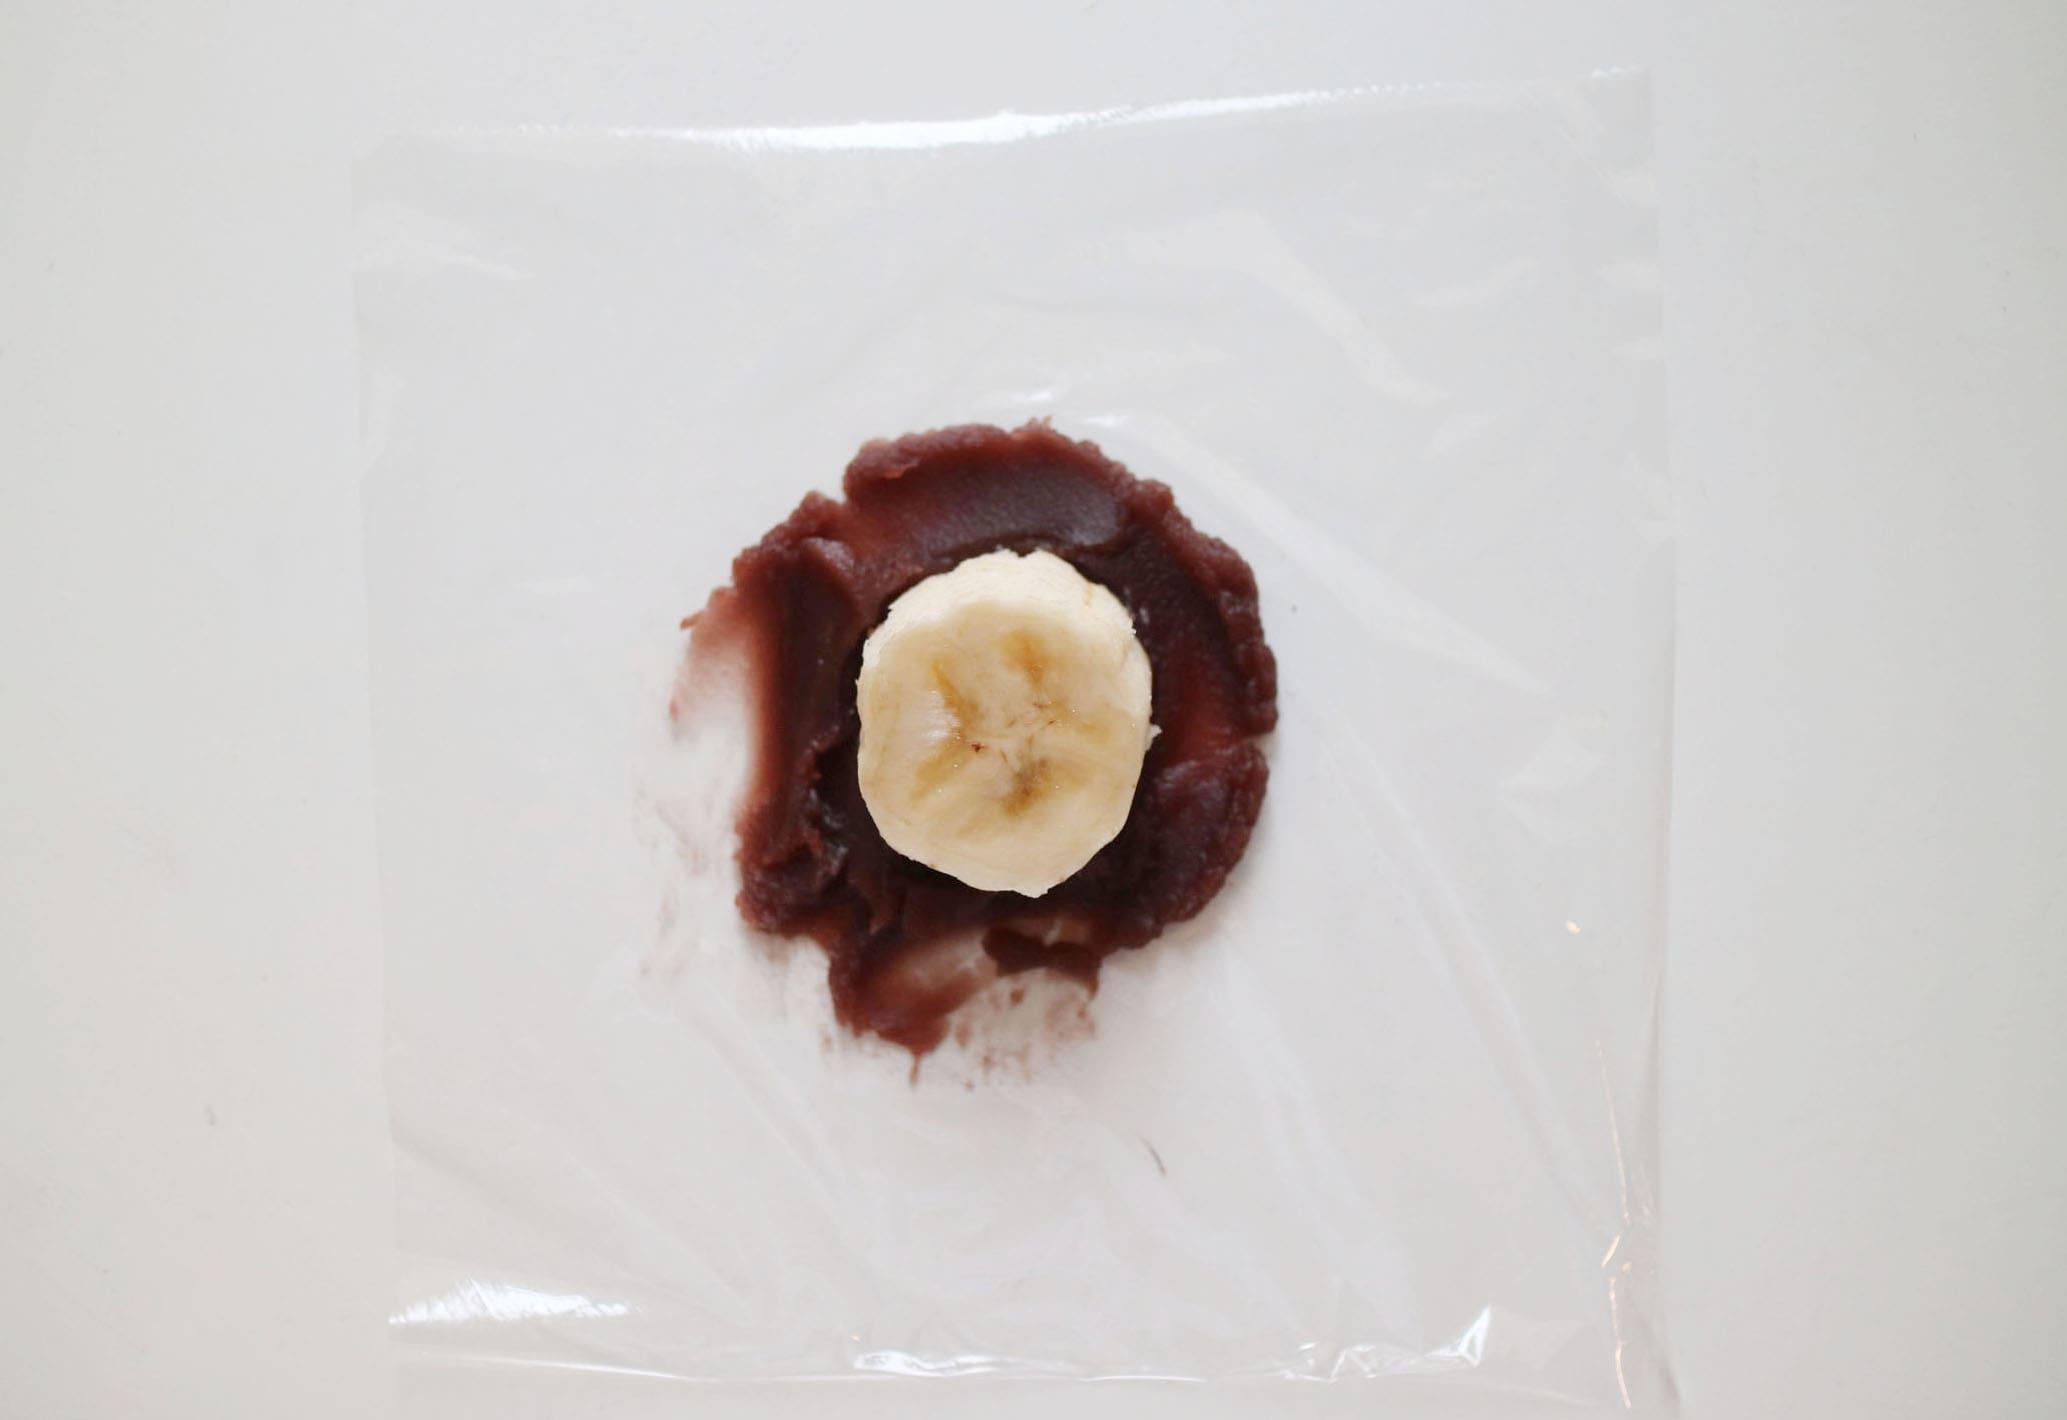 「シナモンバナナ大福の作り方」ラップの上にあんこをのばし、上に切ったバナナが置いてある